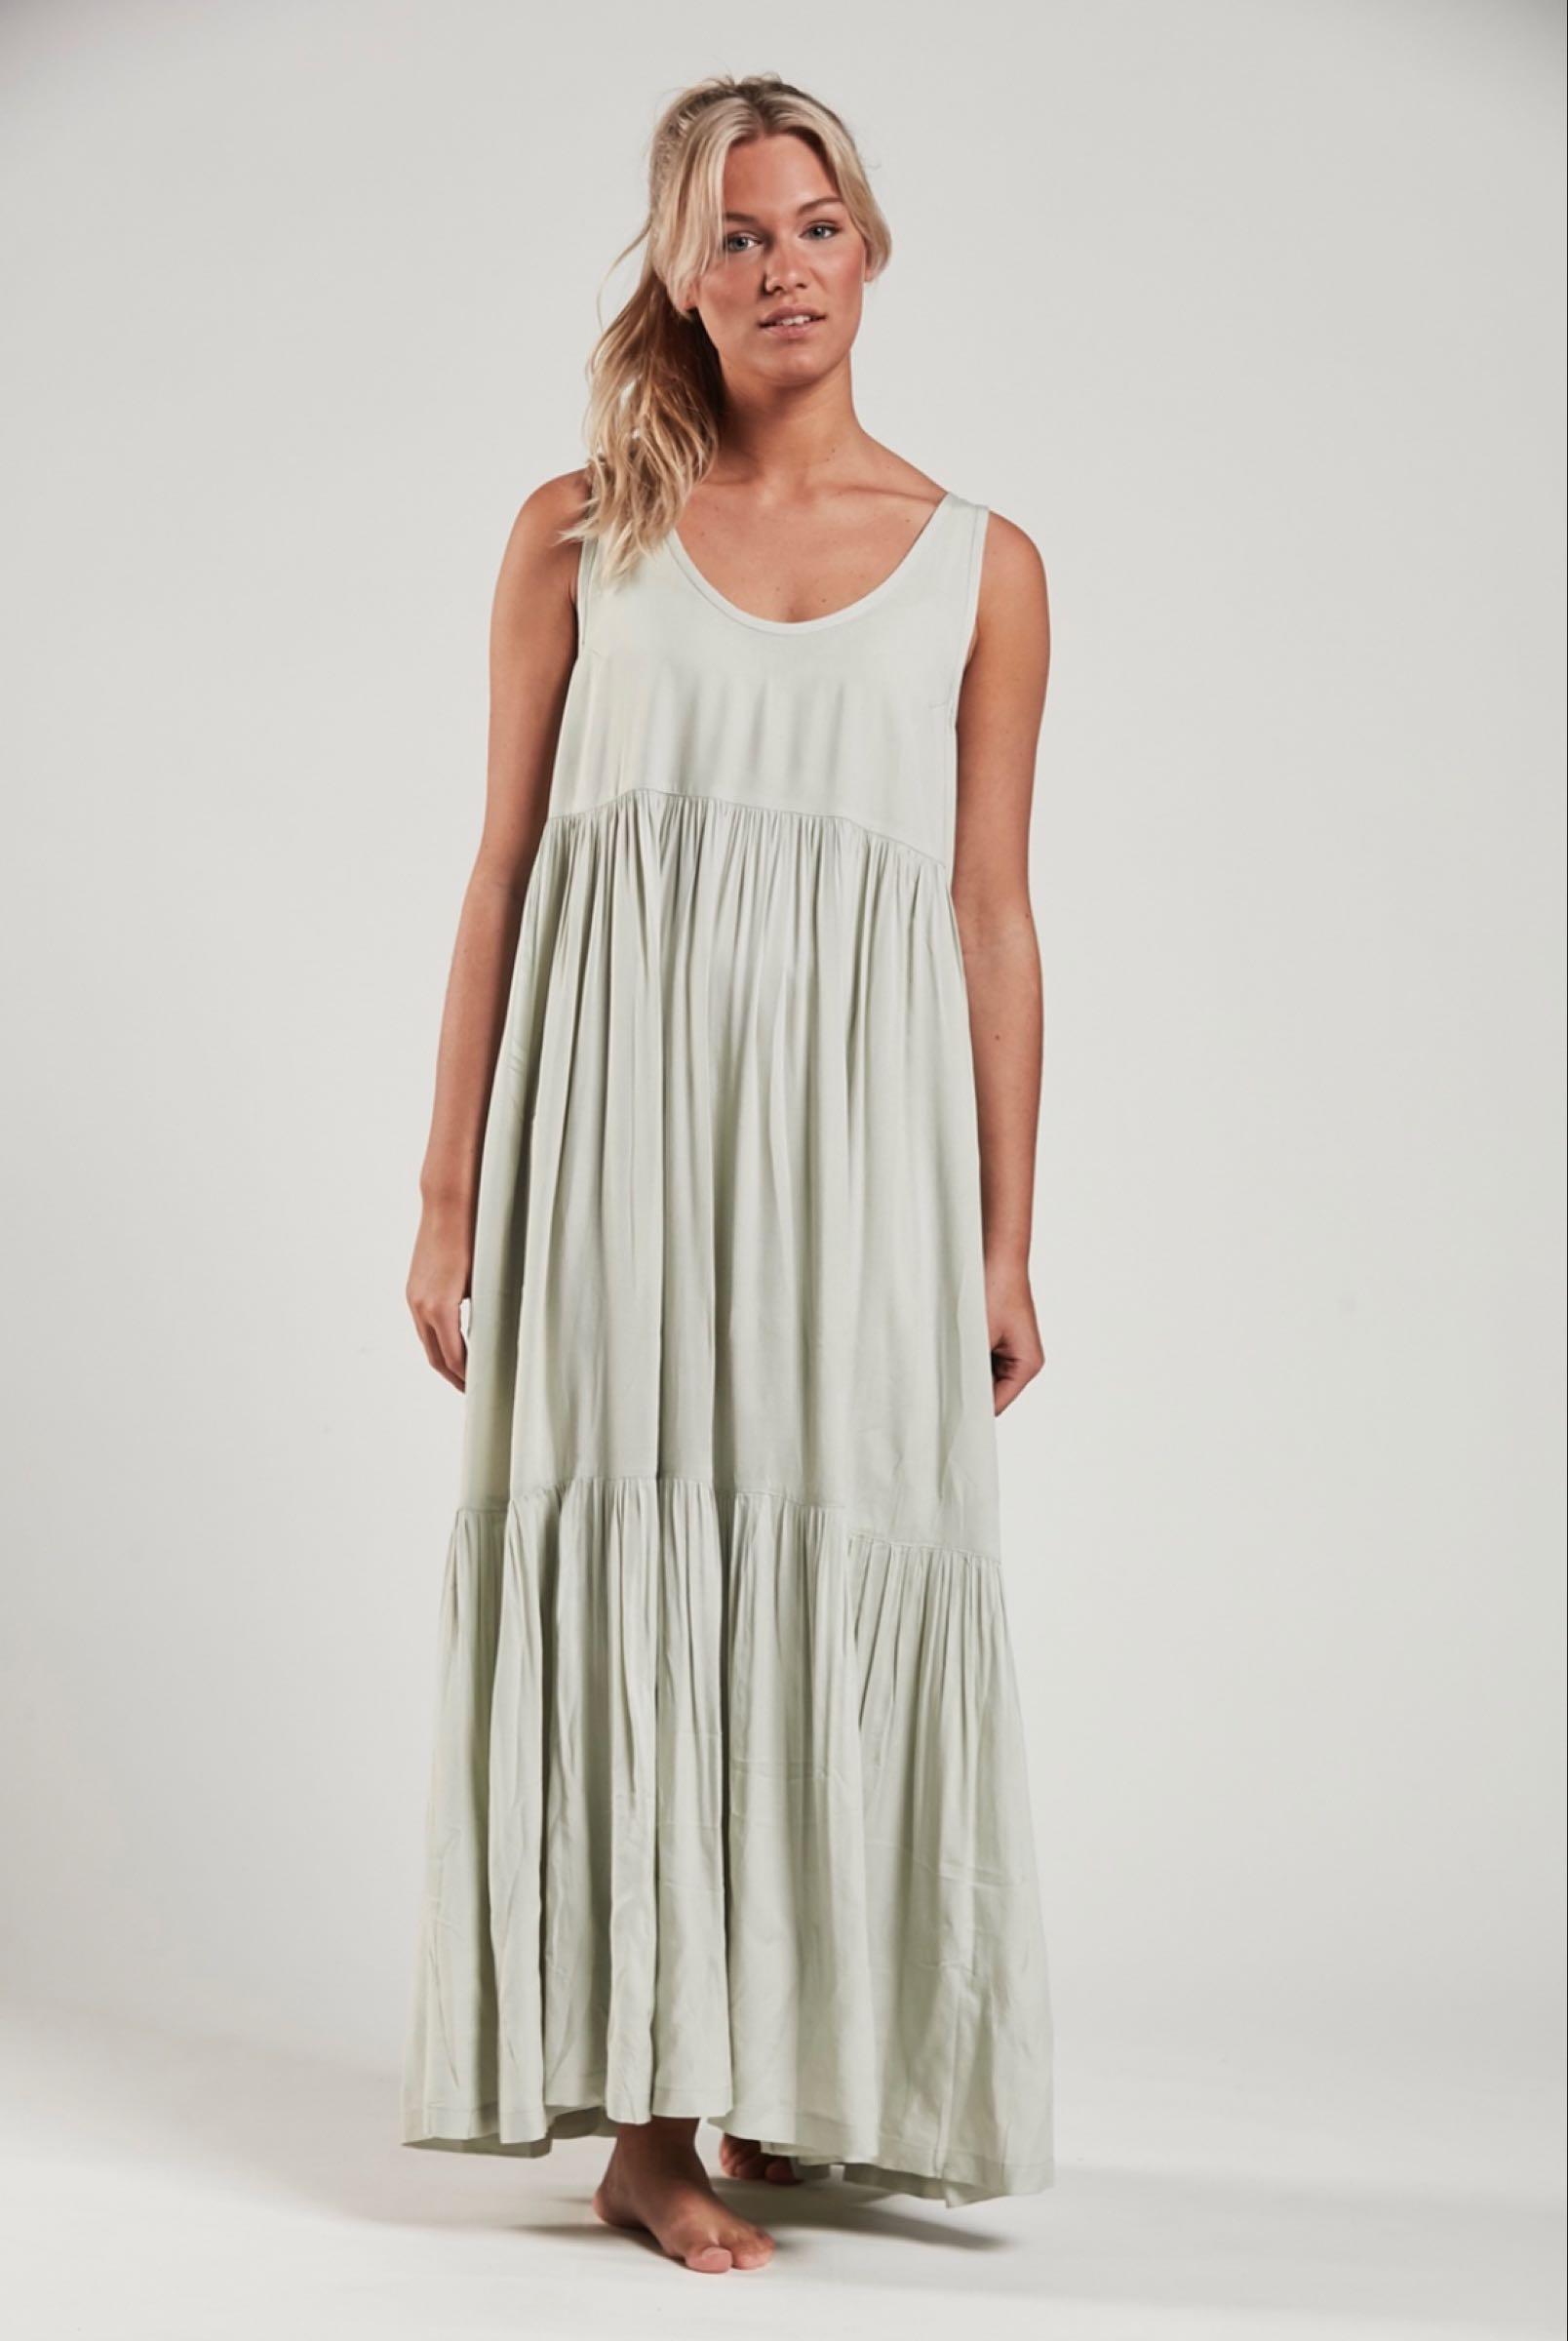 Ajlajk långklänning, Milky  green